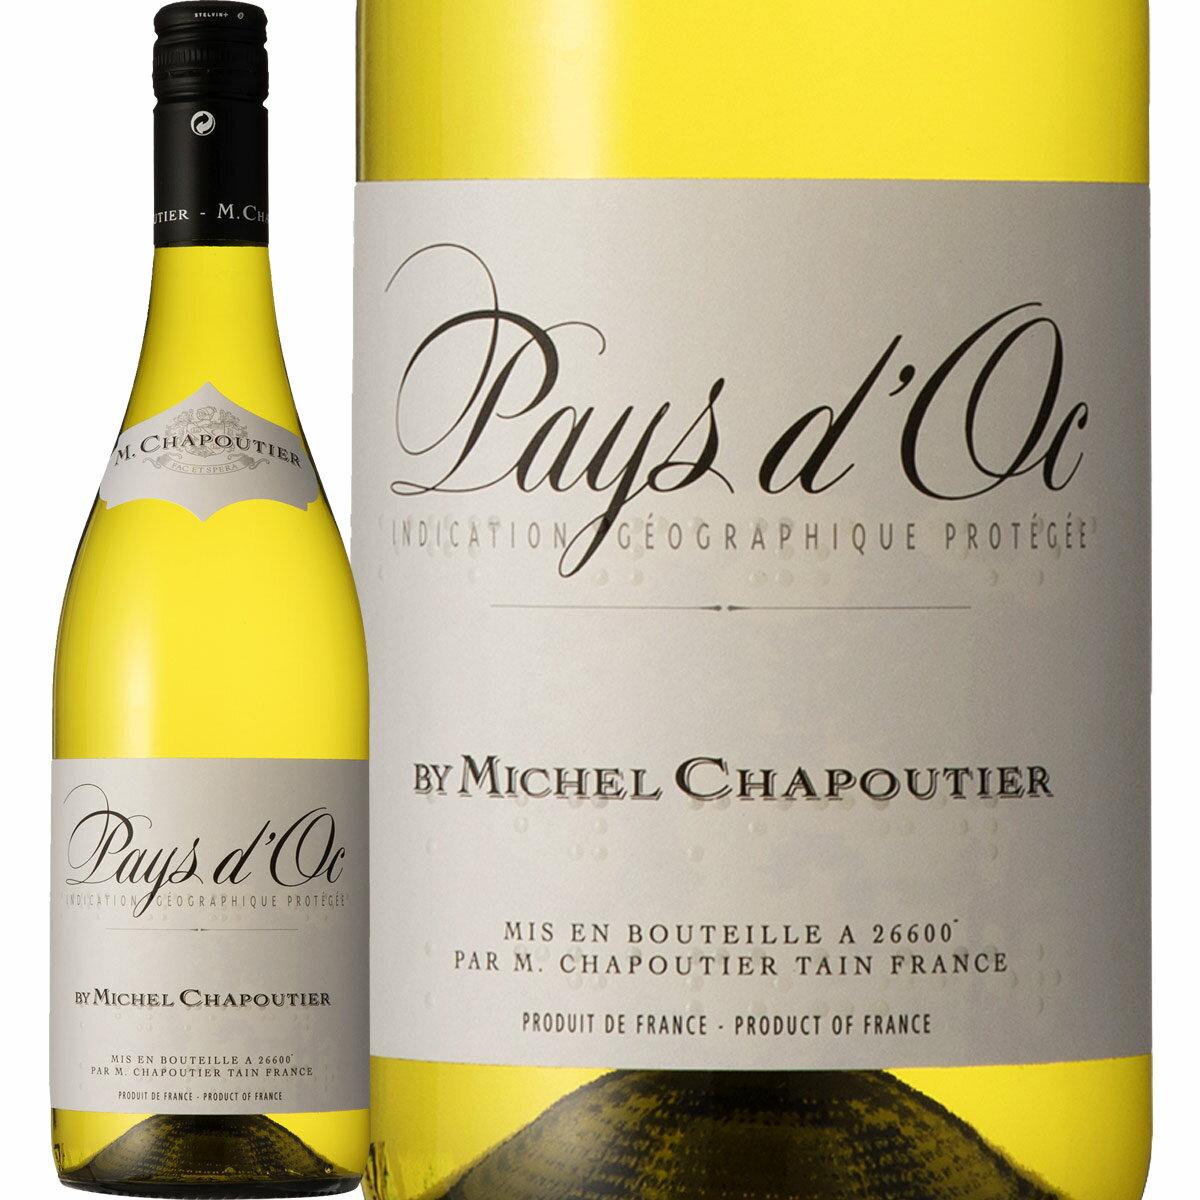 [クーポンで10%OFF]シャプティエ・ペイ・ドック・ブラン【フランス】【白ワイン】【750ml】【ミディアムボディ】【辛口】 【Chapoutier】